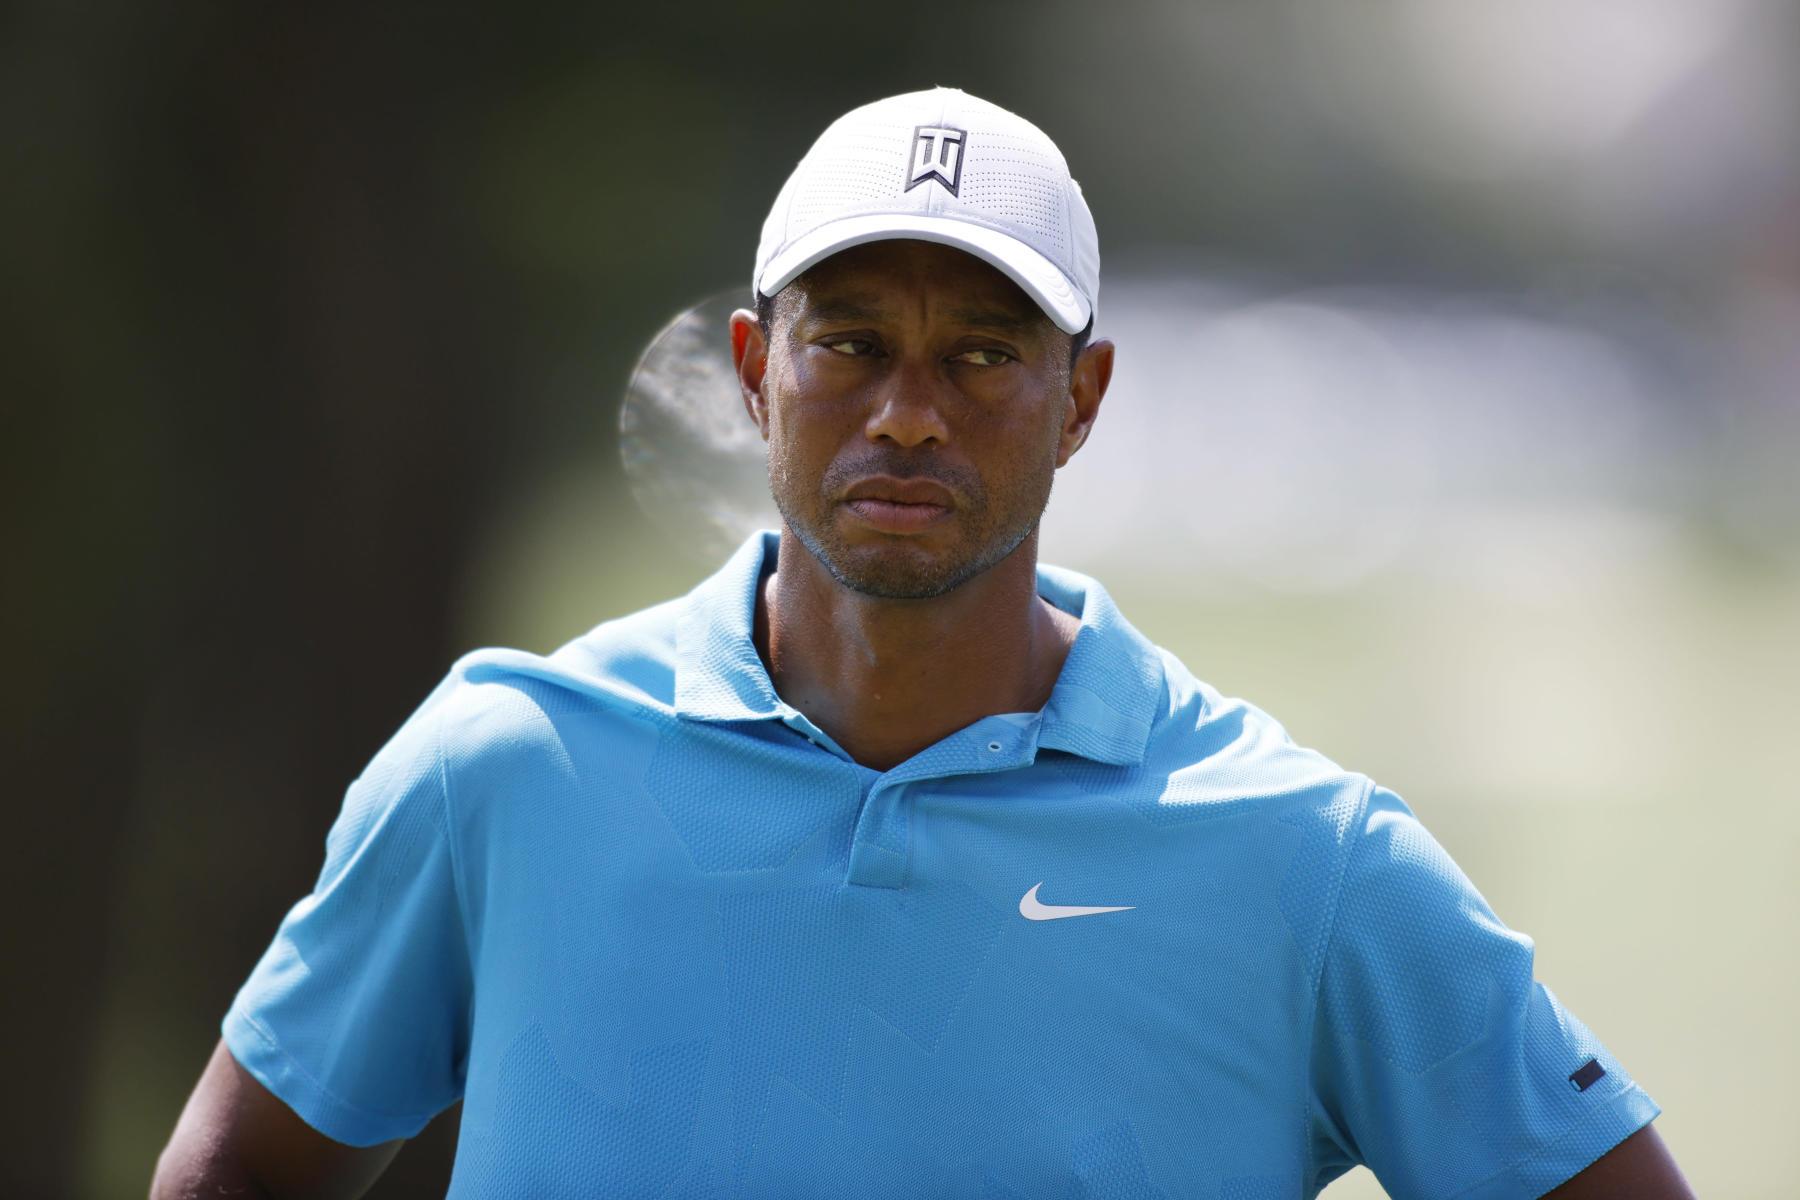 Tiger Woods rechaza una invitación de NBC Sports para ser parte del US Open en la transmisión de Torrey Pines